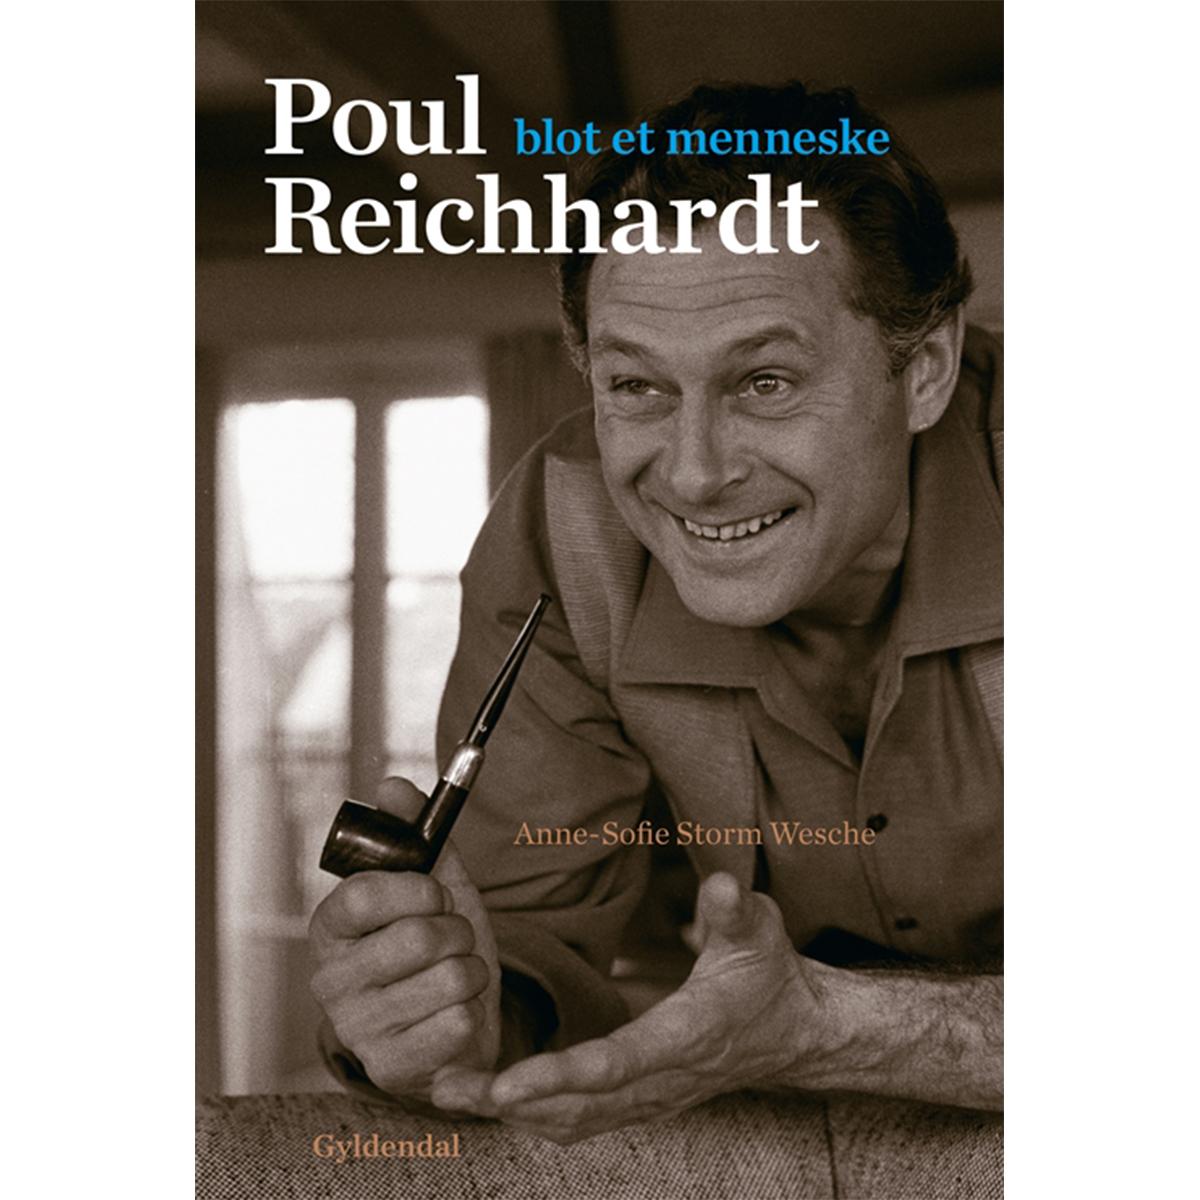 Poul Reichhardt - blot et menneske - Indbundet